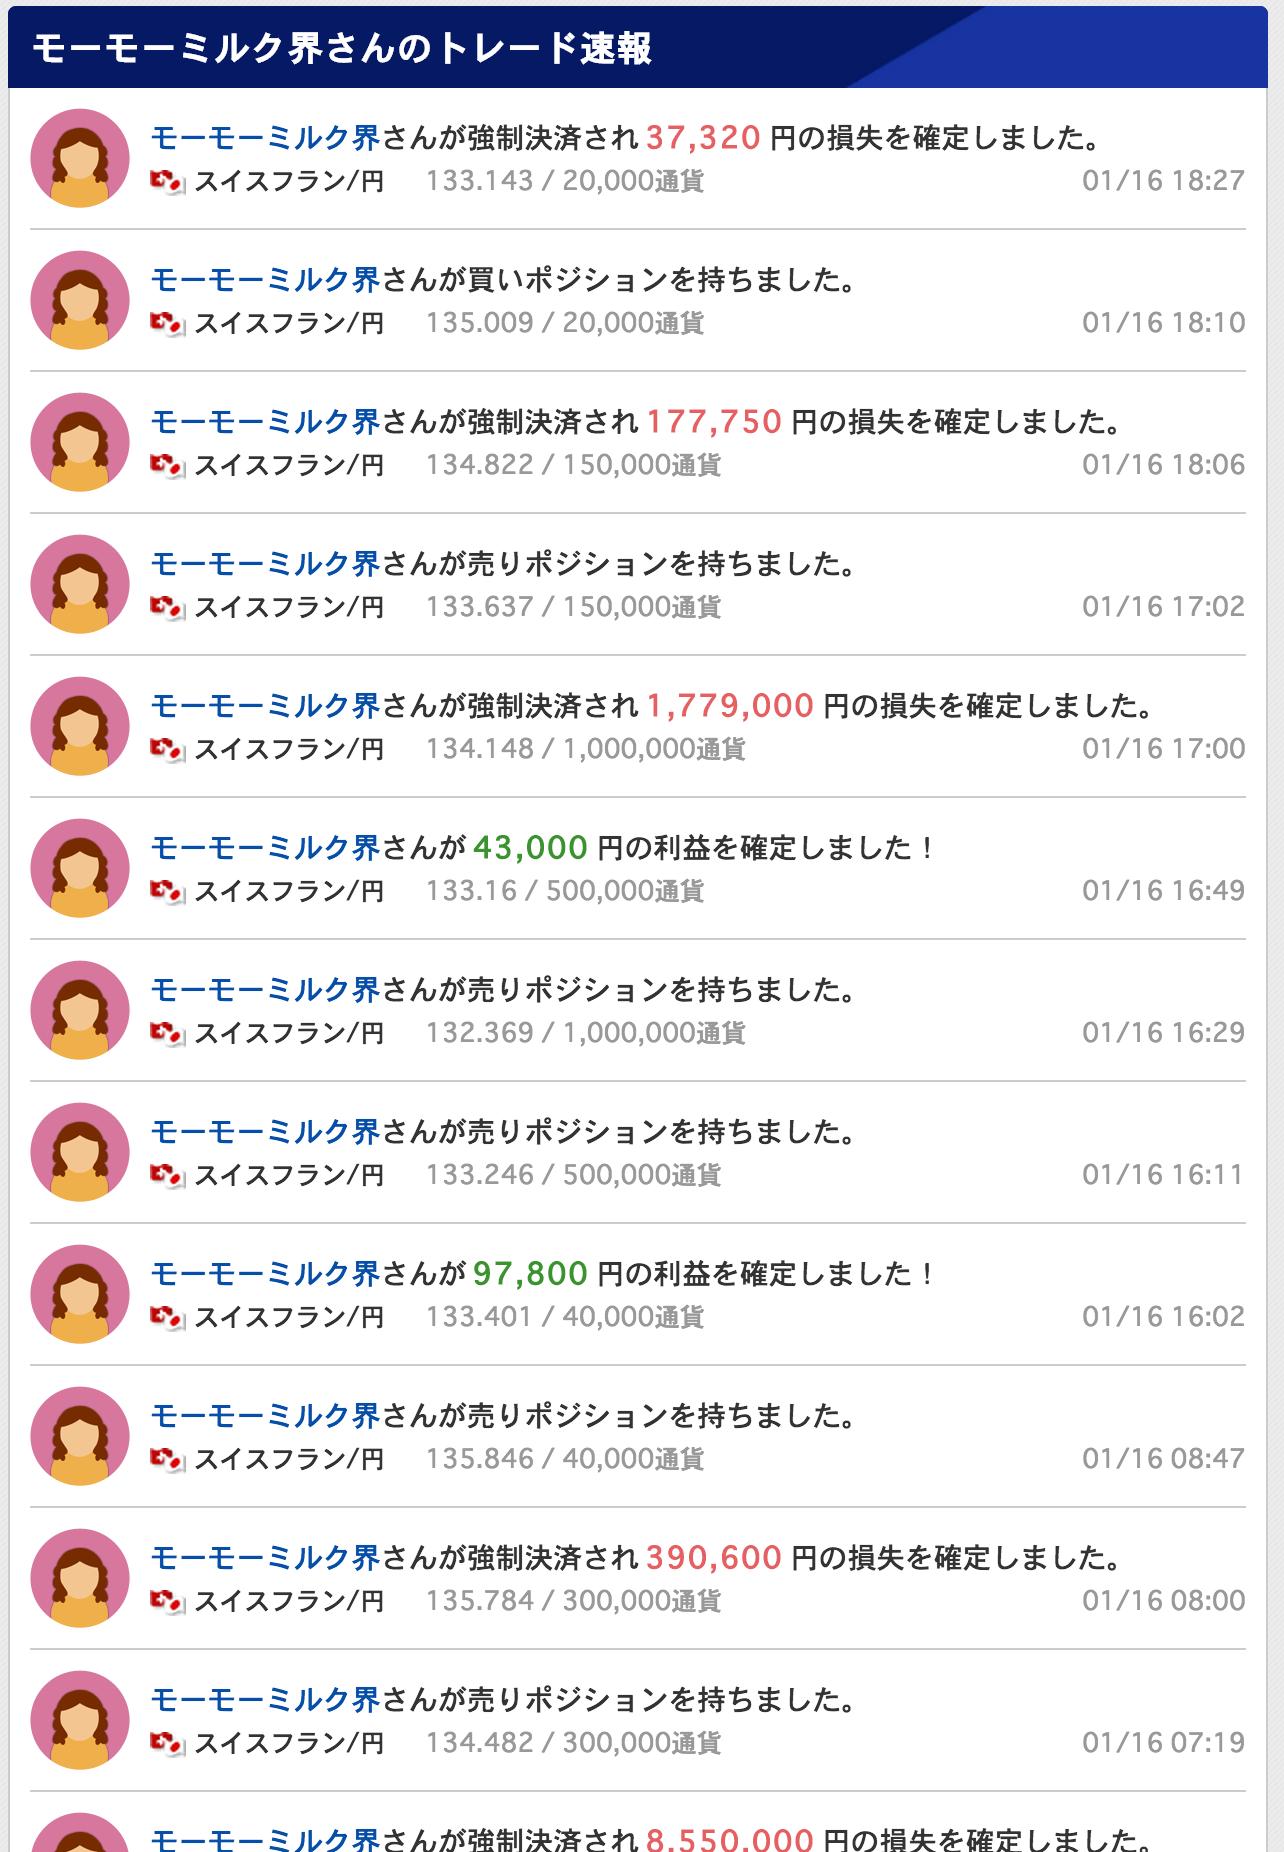 スクリーンショット 2015-01-19 3.50.06